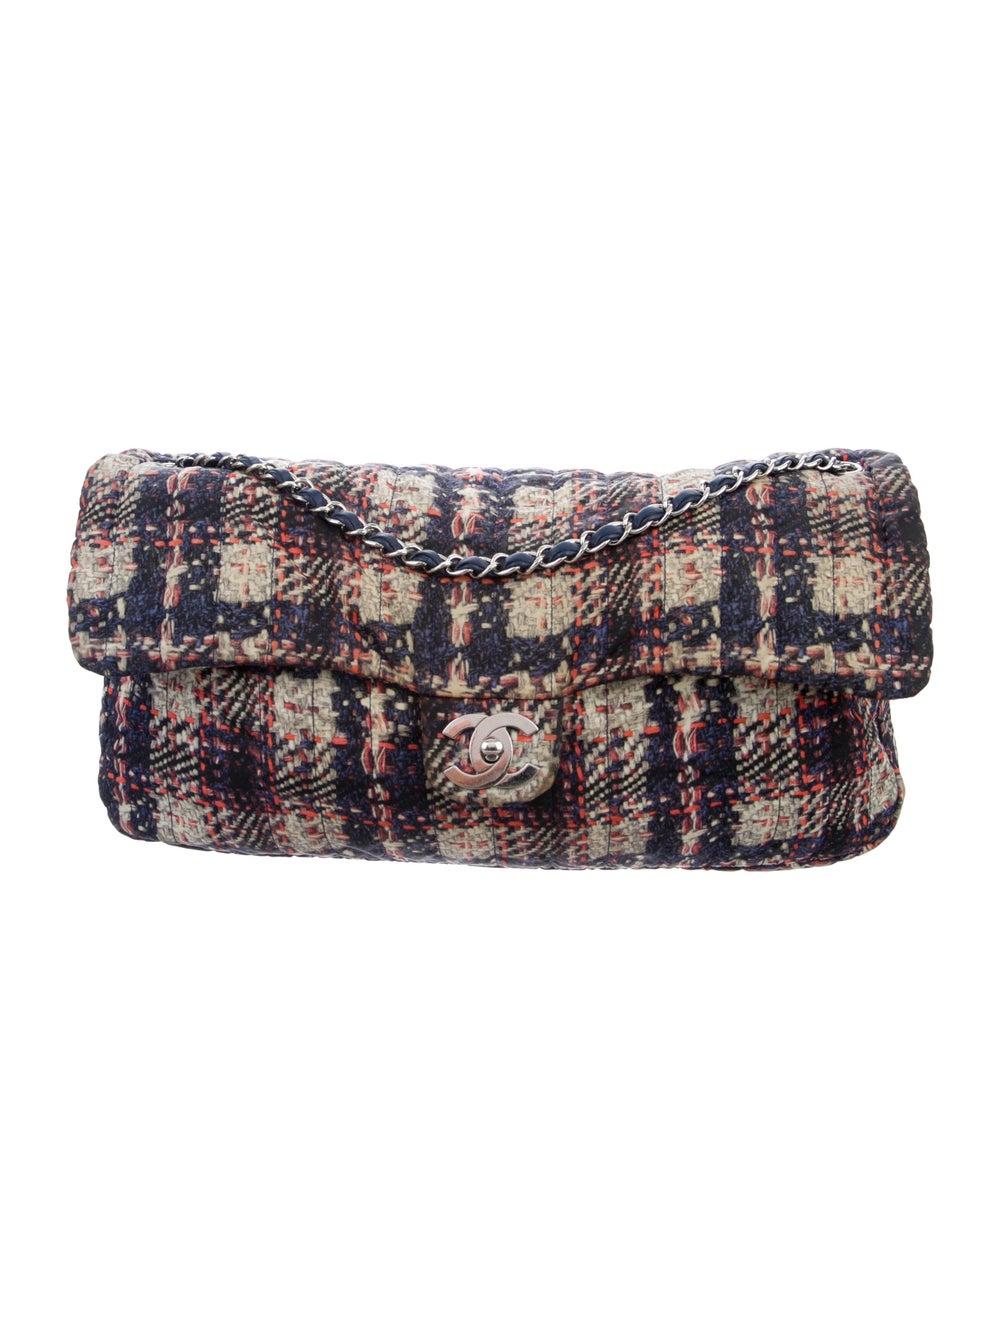 Chanel Large Nylon Tweed Flap Bag Blue - image 1